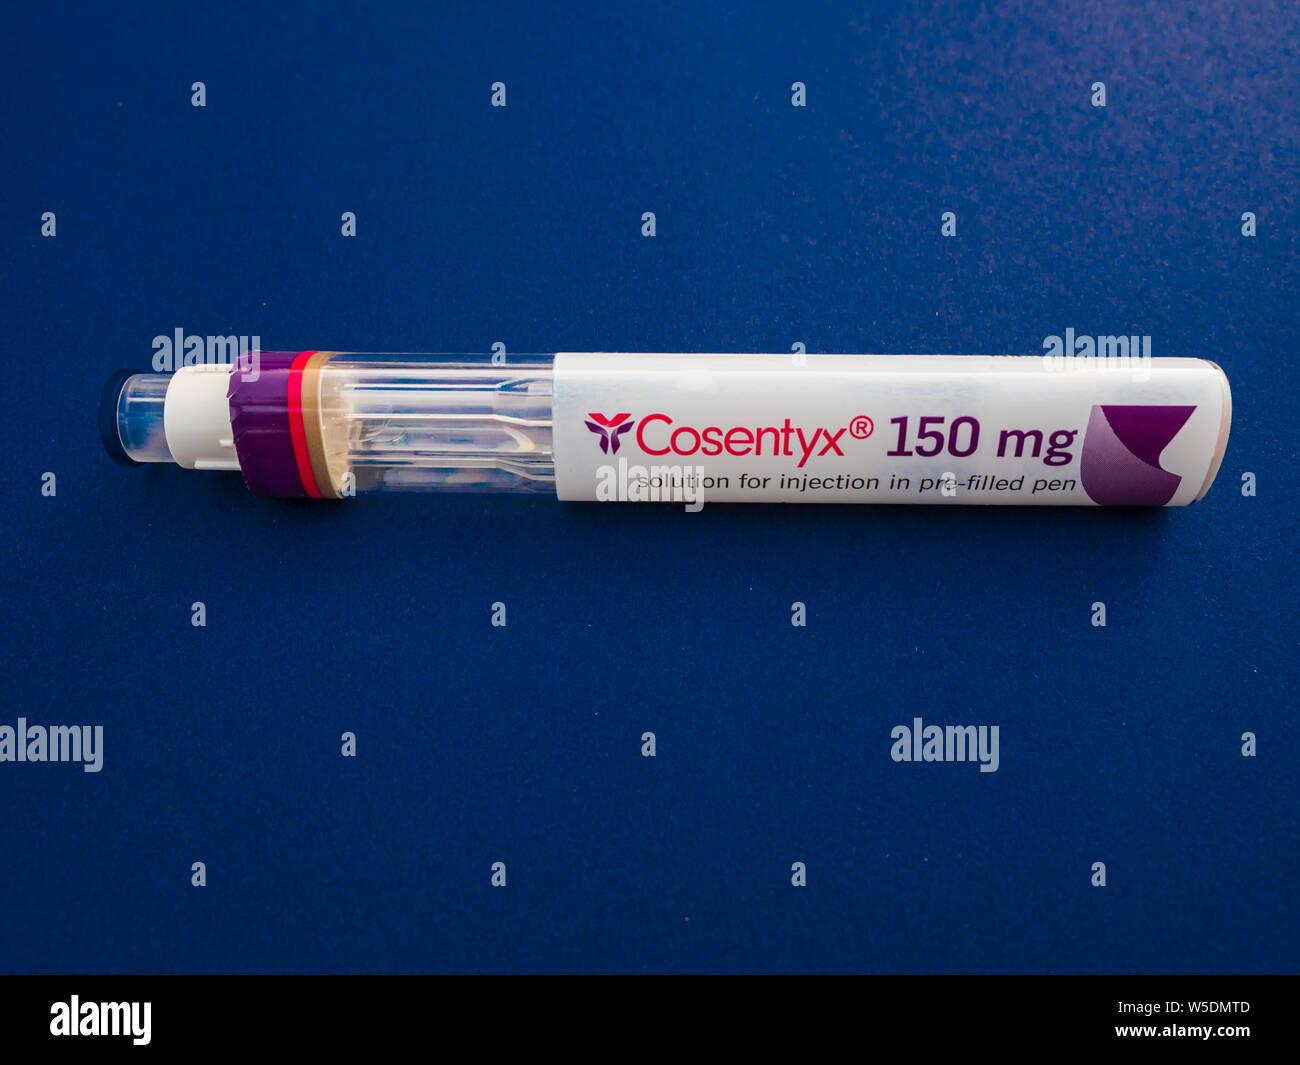 a-cosentyx-150mg-secukinumab-auto-inject